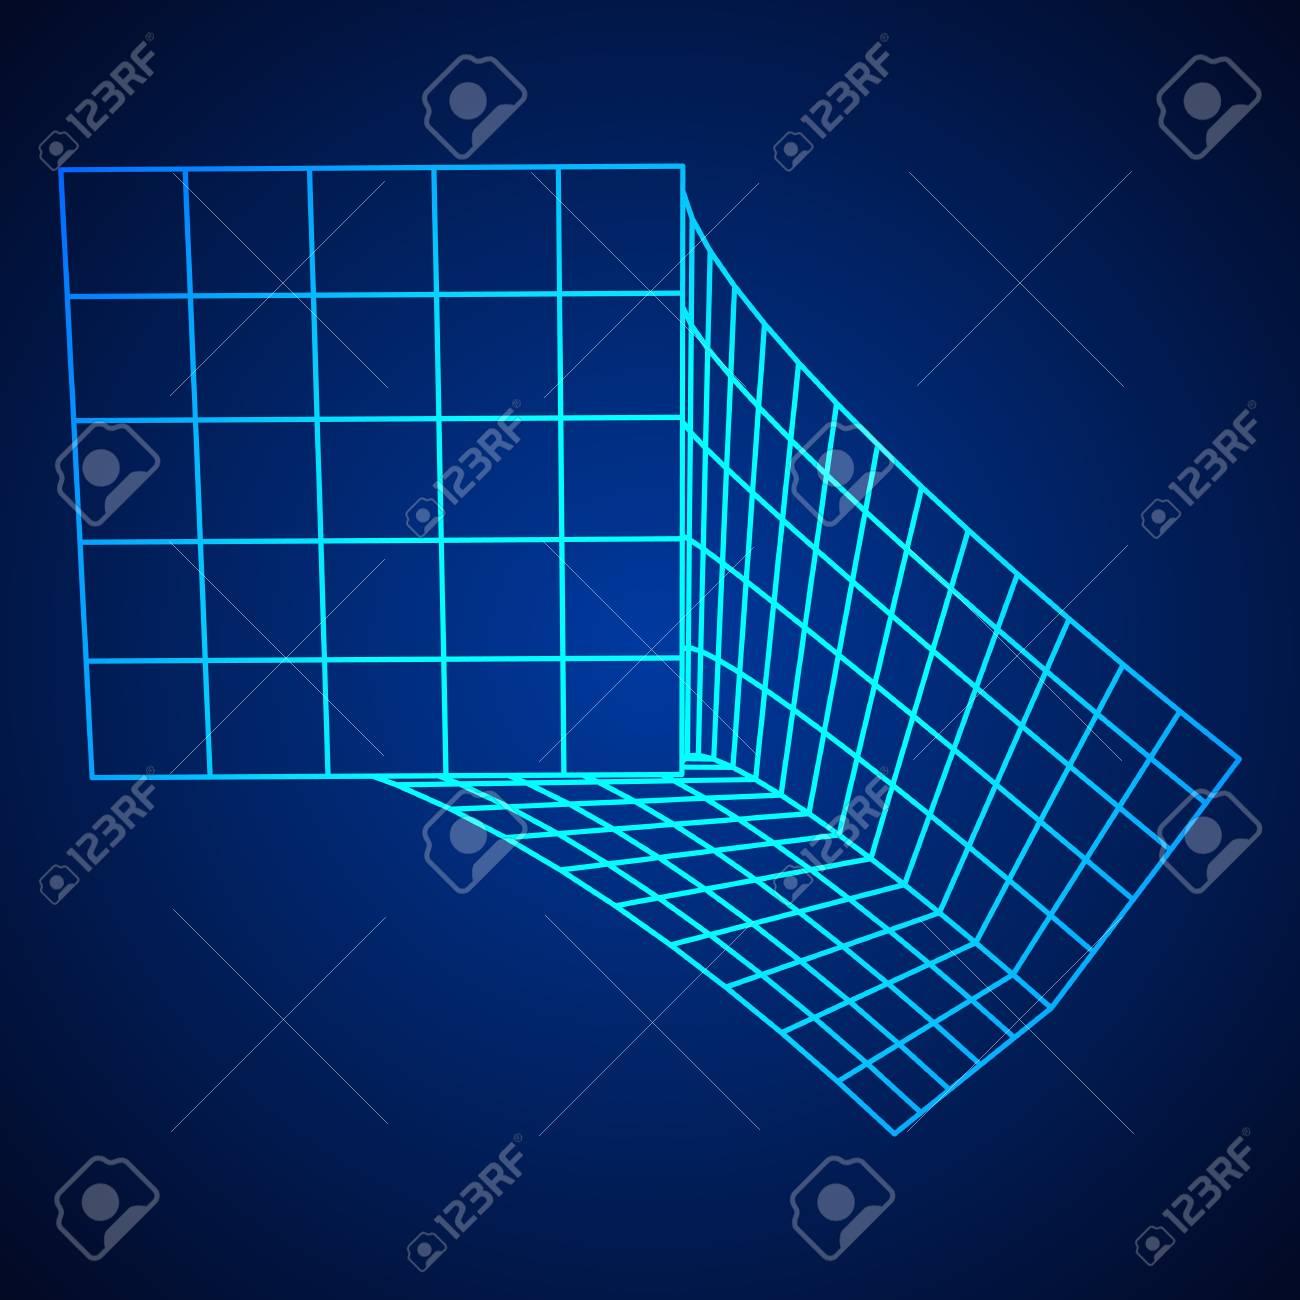 Caja De Malla De Malla Metálica Estructura De Conexión Concepto De Visualización De Datos Digitales Ilustración Vectorial